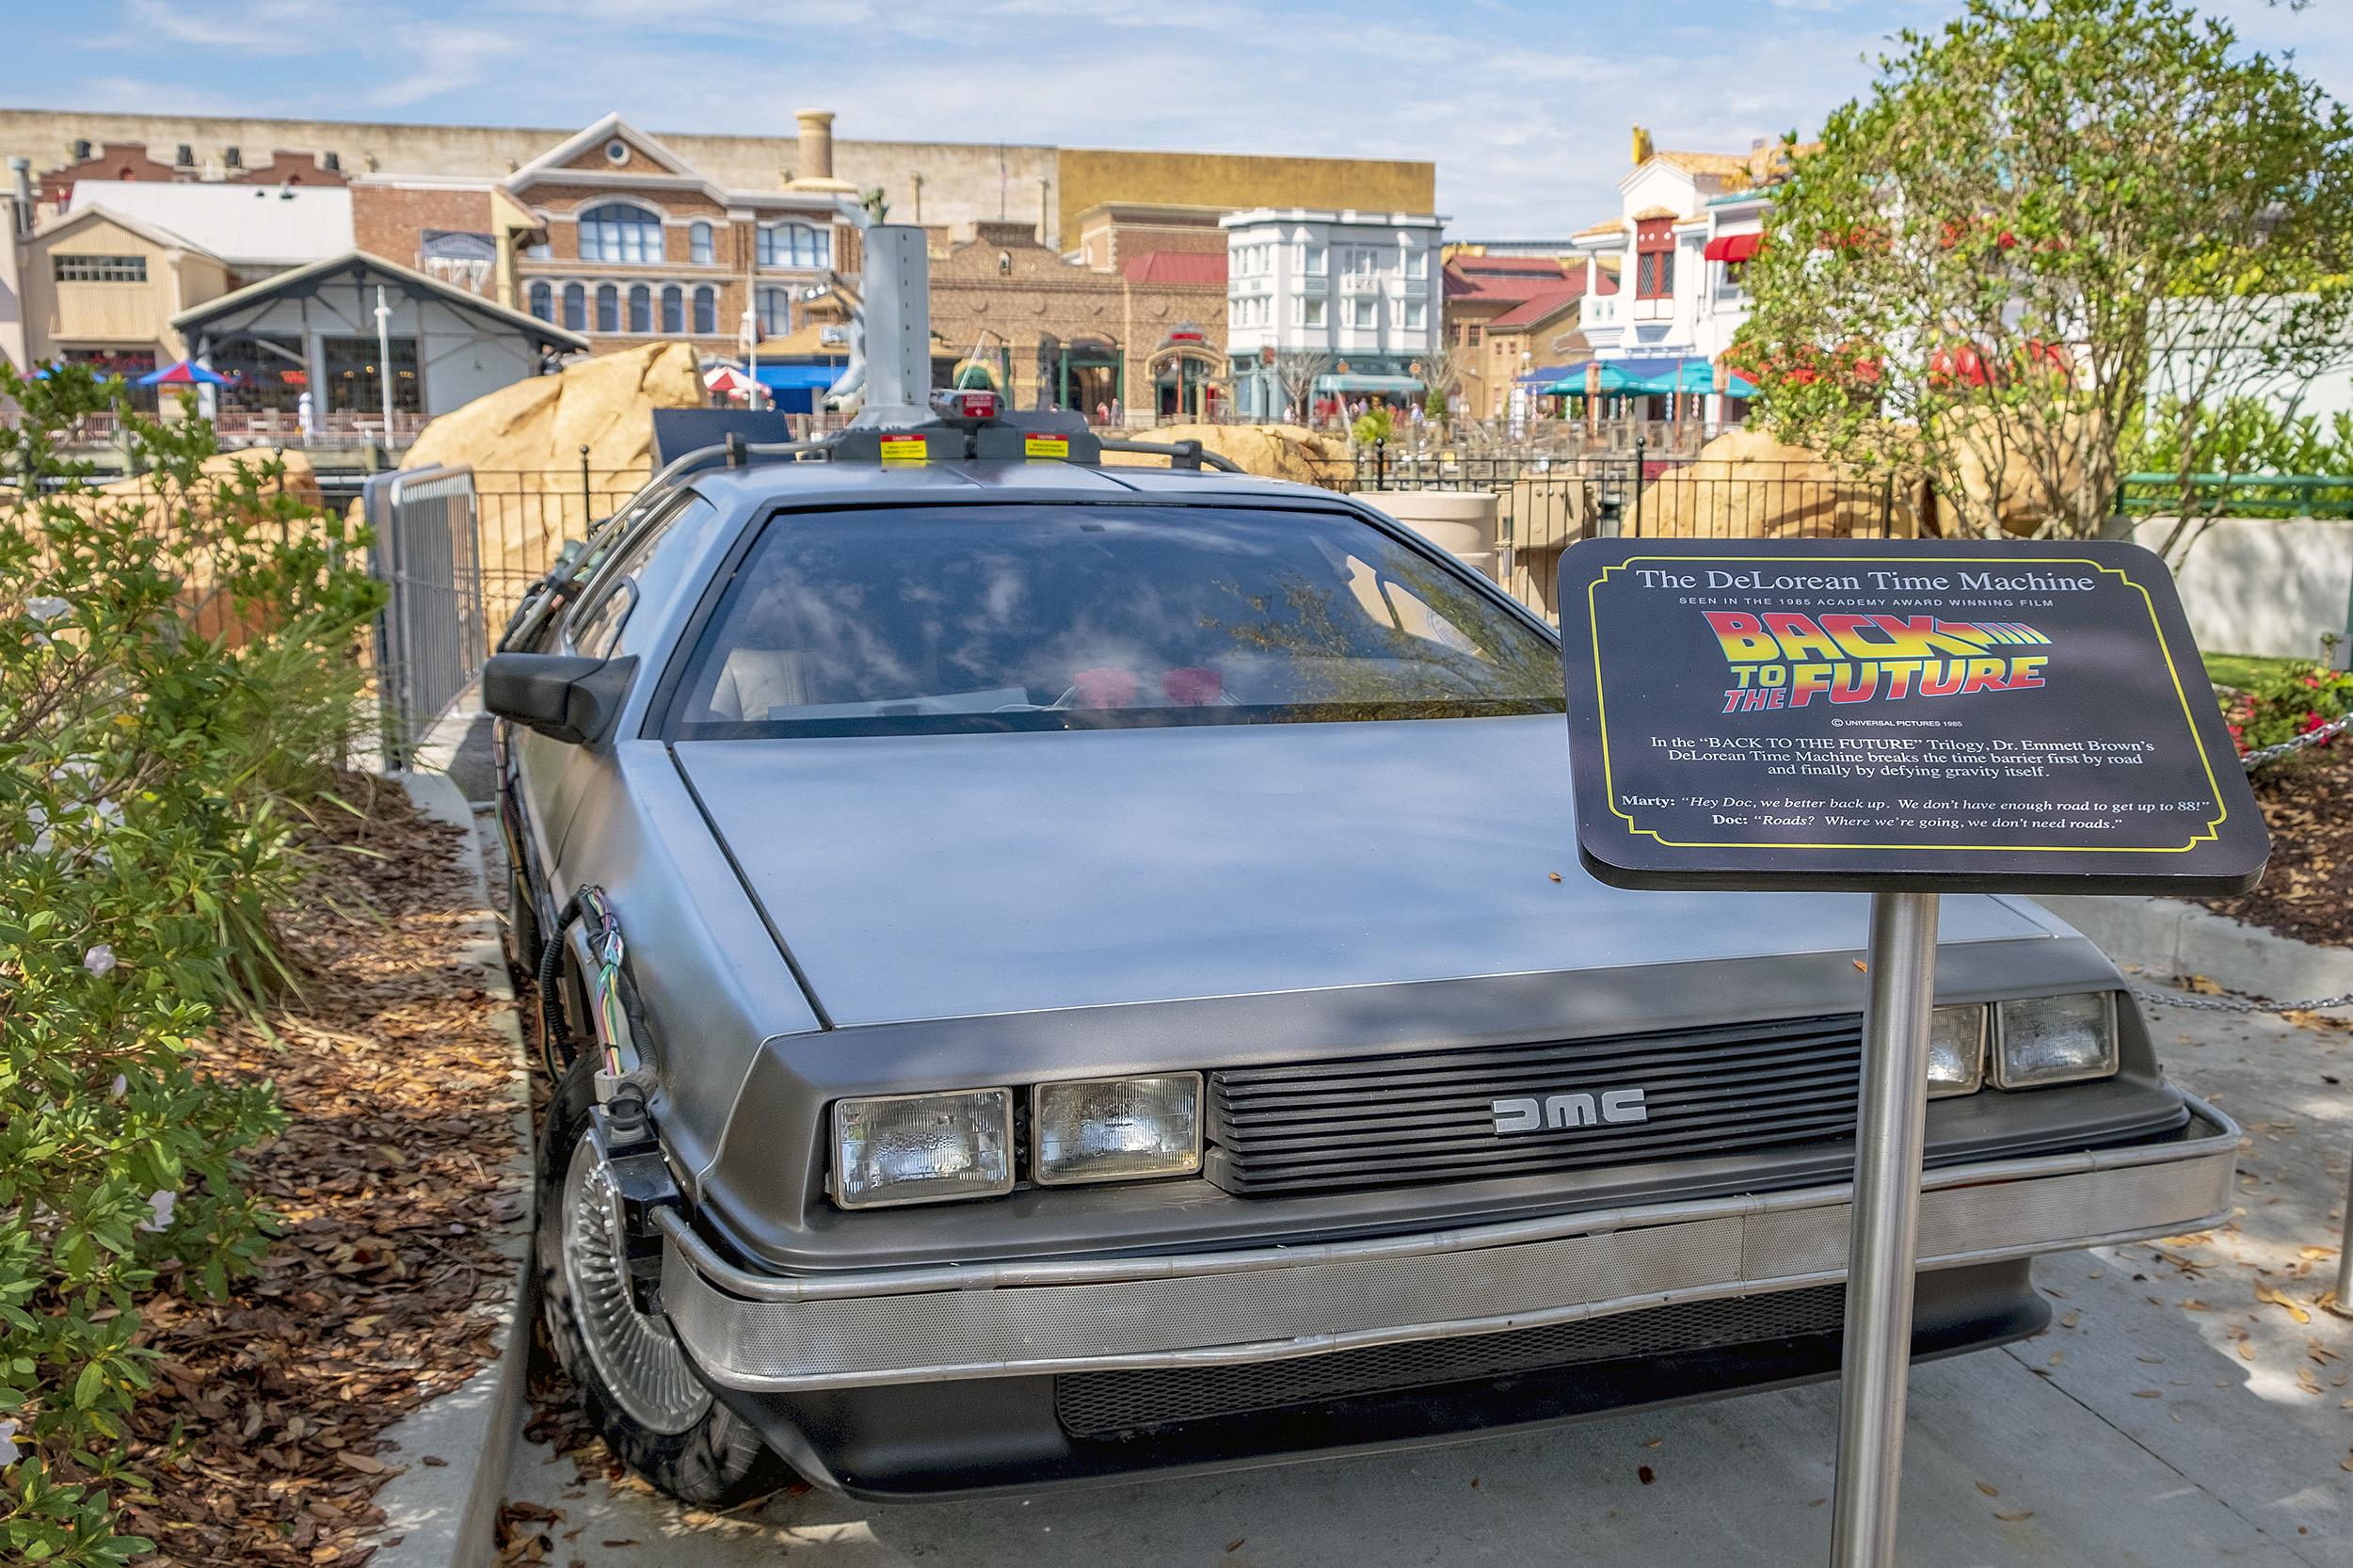 Delorean car back to the future Universal Studios Orlando